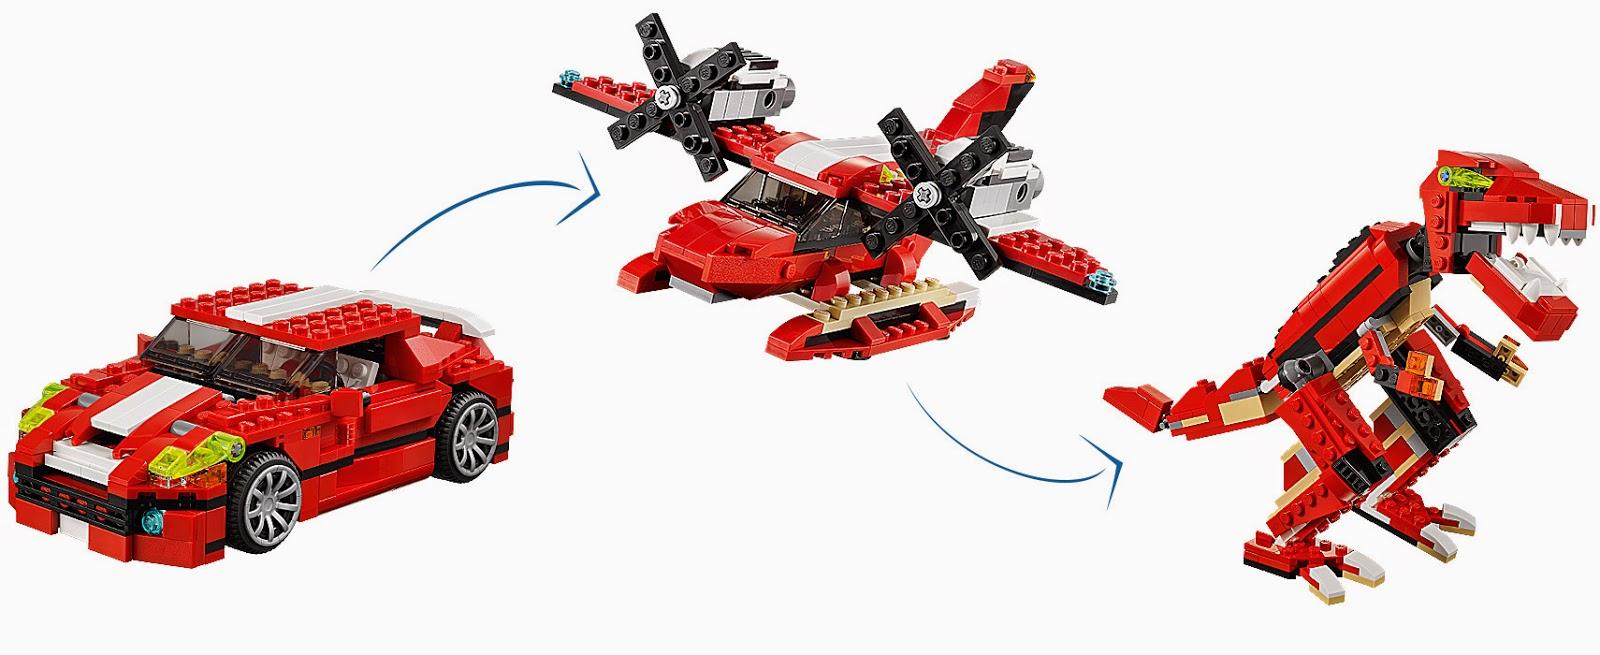 Đồ chơi Xếp Hình Lego 3 trong 1